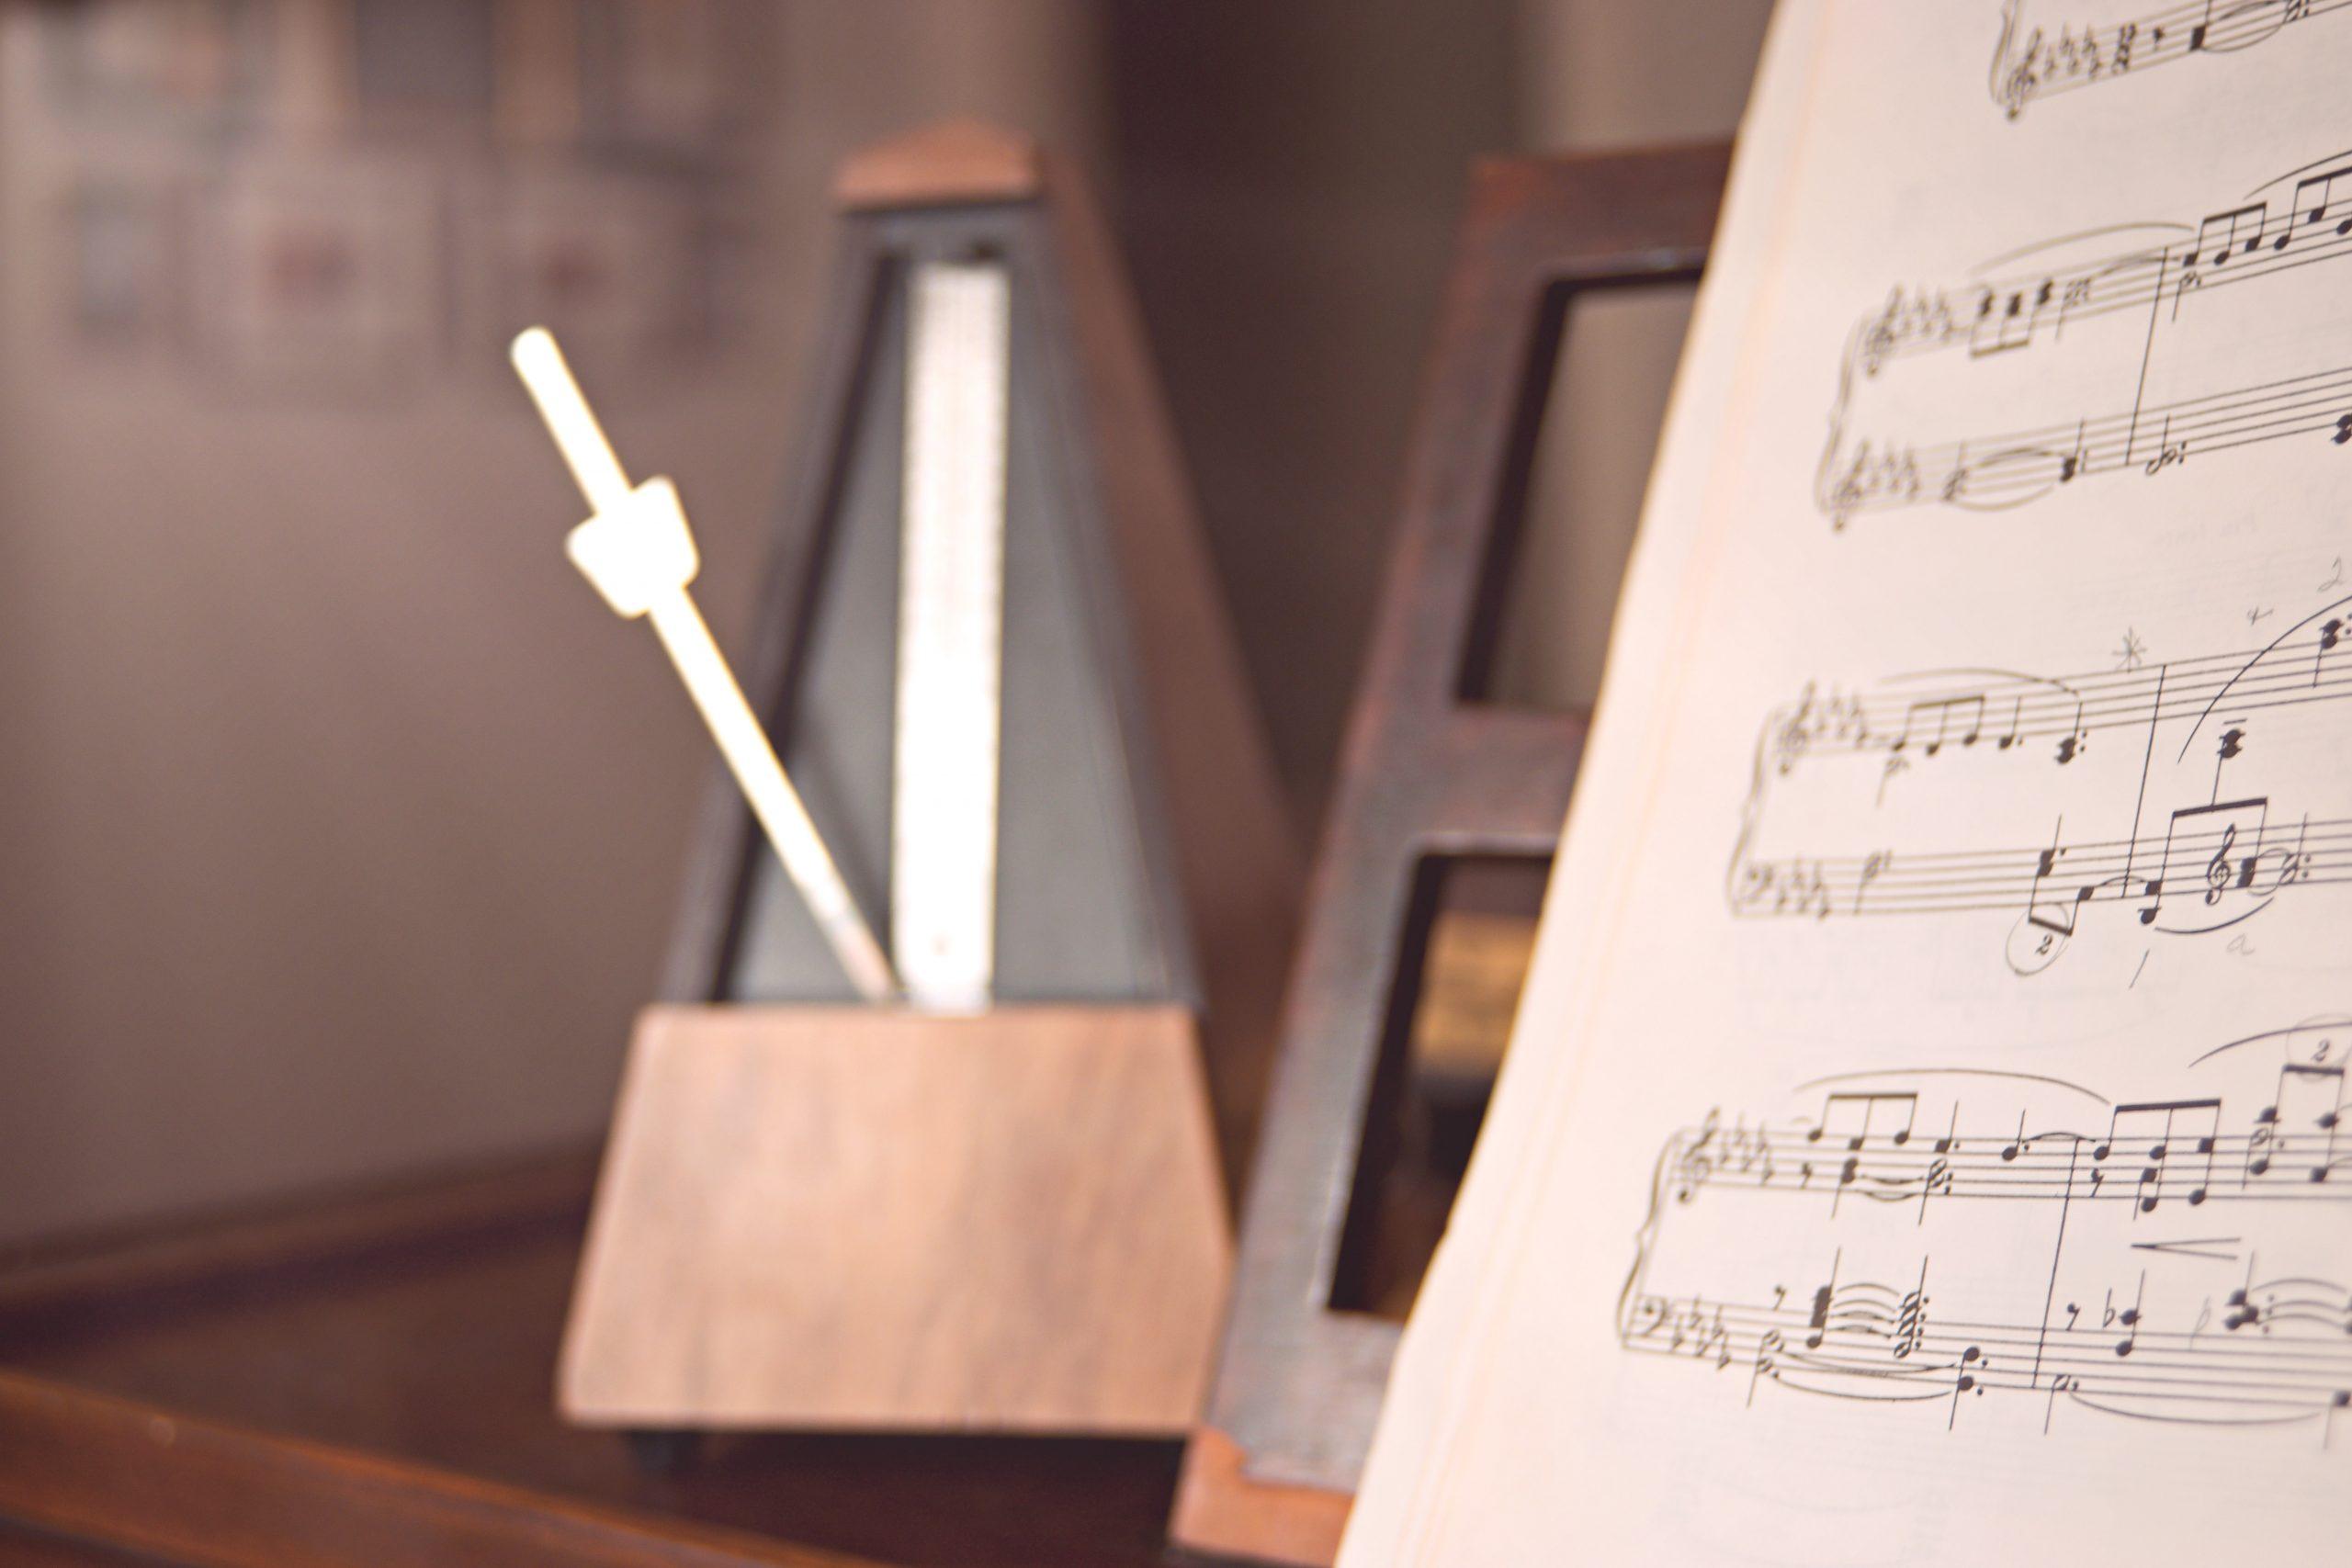 arte allegro - reflexiones - escuela de musica - online